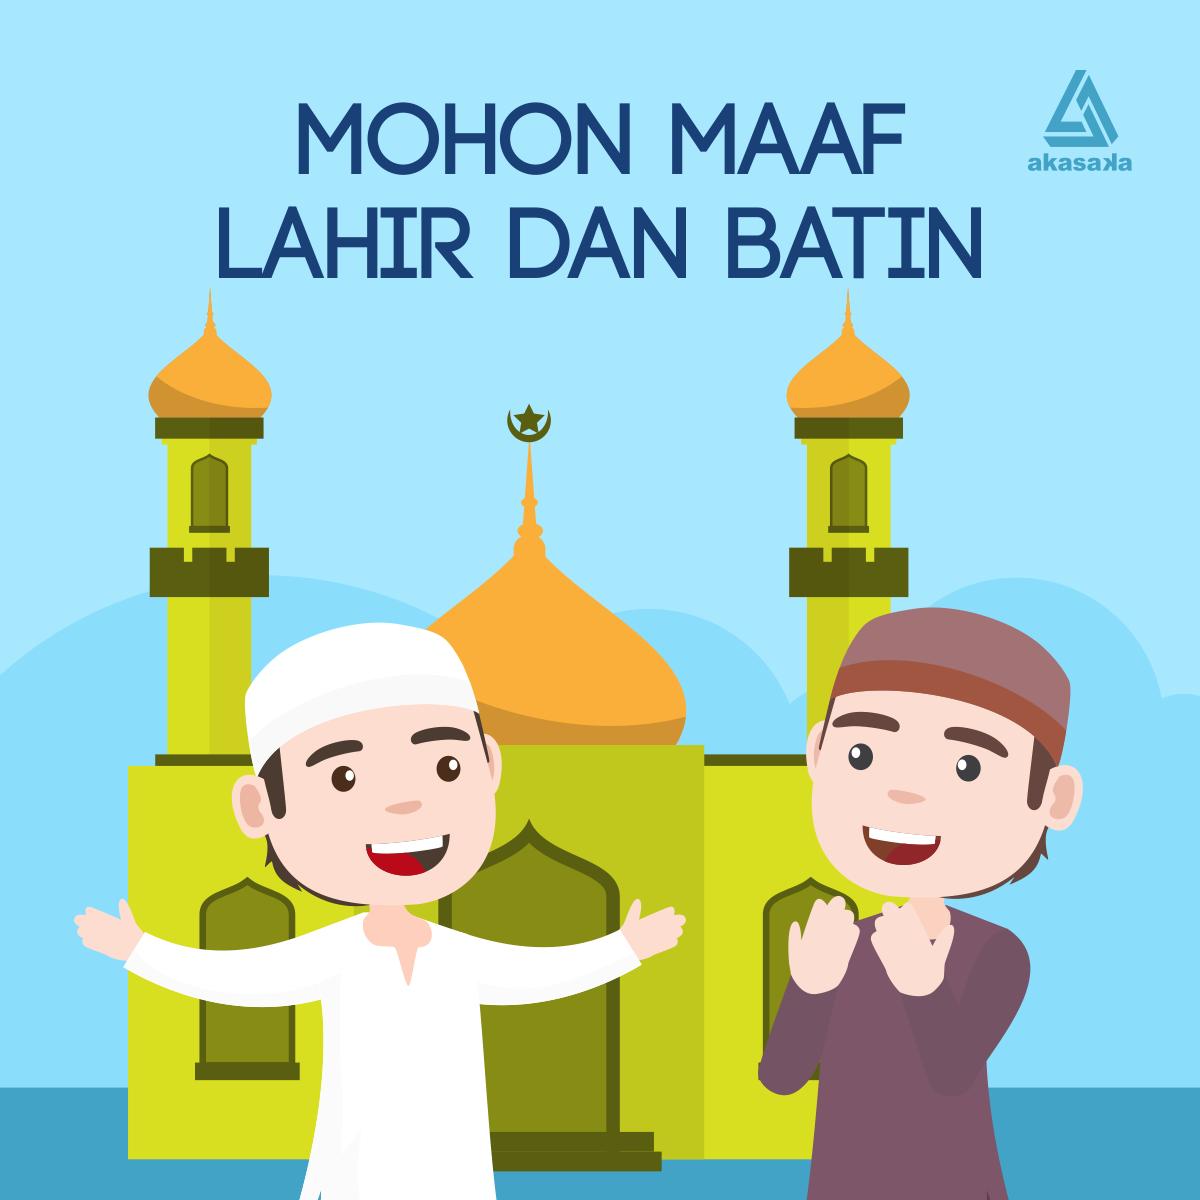 Hari Raya Idul Fitri Merupakan Hari Perayaan Bagi Umat Islam Di Seluruh Dunia Bagaimana Hari Raya Idul Fitri Sobatakasaka Tahun Ini Semoga P Islam Ketenangan